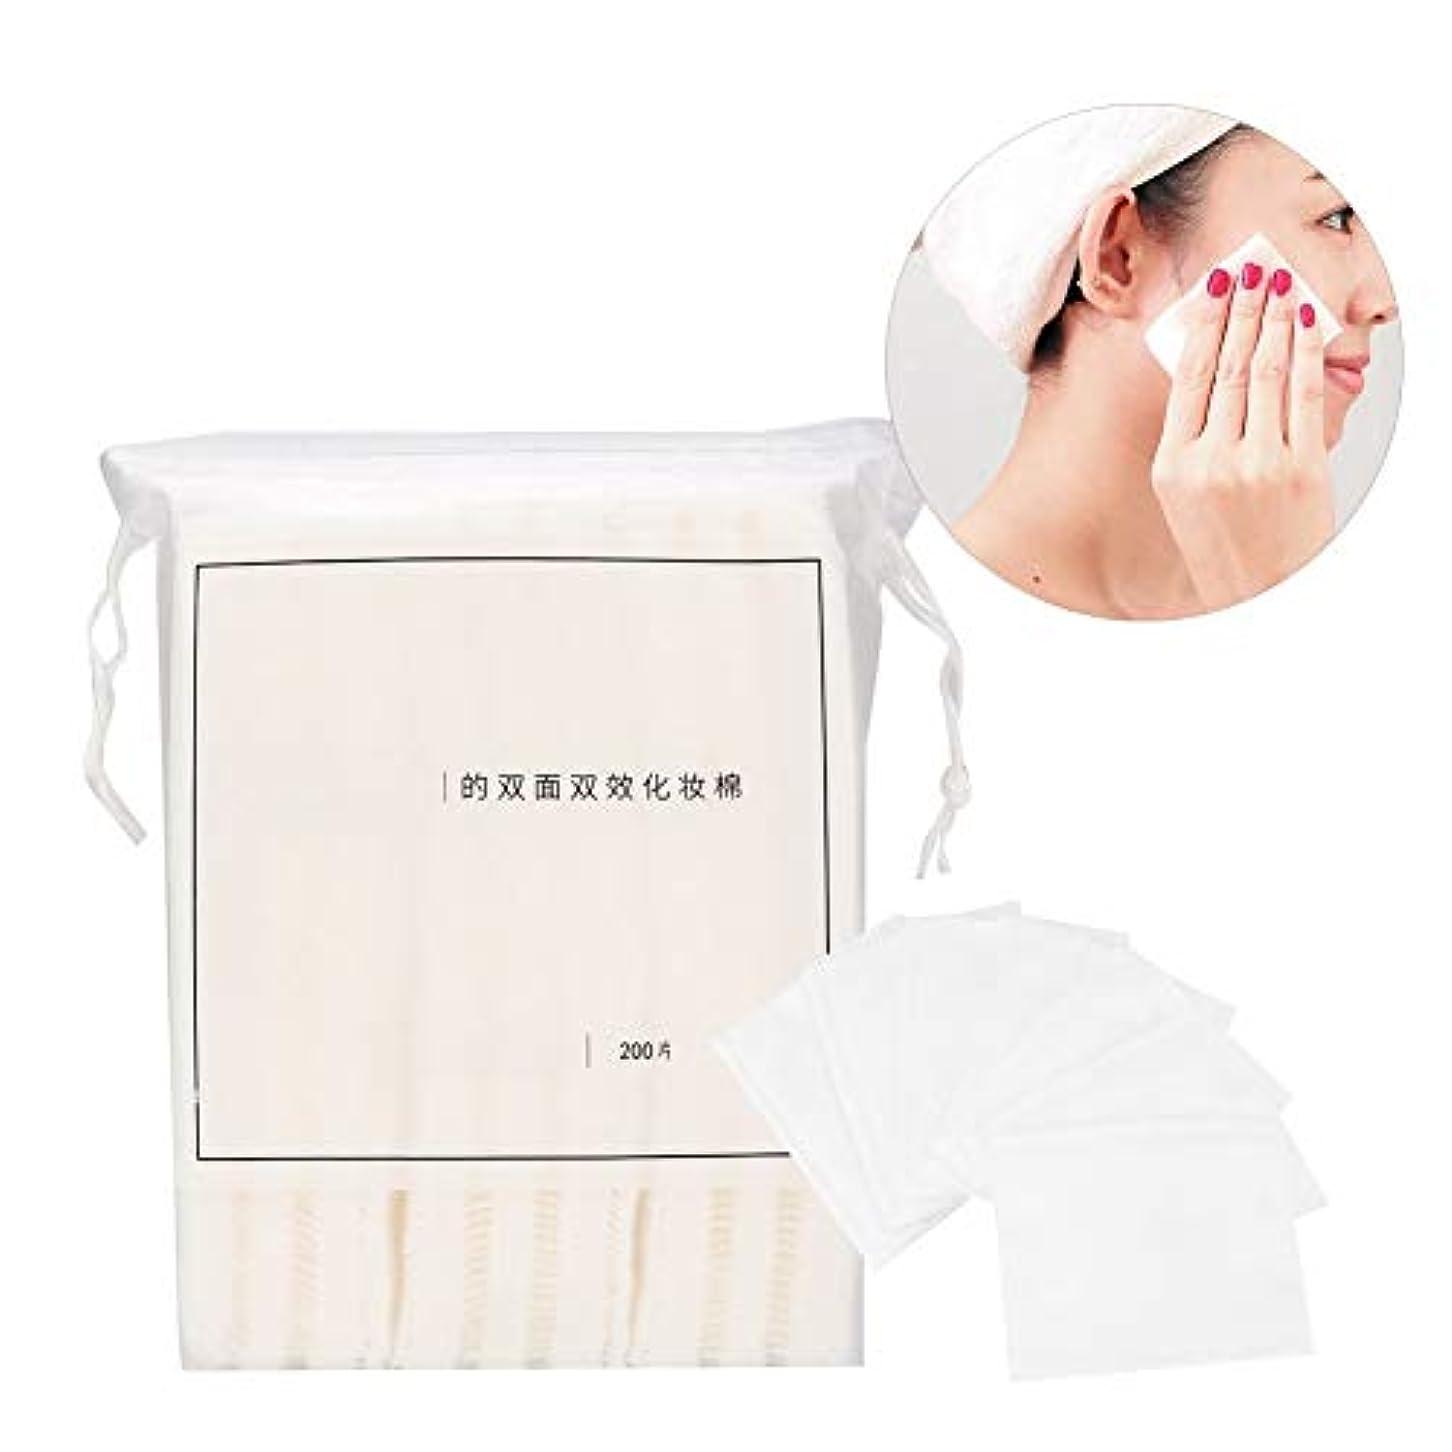 瀬戸際神秘的なケント200個の化粧落としパッド、肌の角質除去とネイルケアのための両面と乾式の湿式デュアルユースコットンパッド、やわらかい涙抵抗の保水化粧品用綿(2)